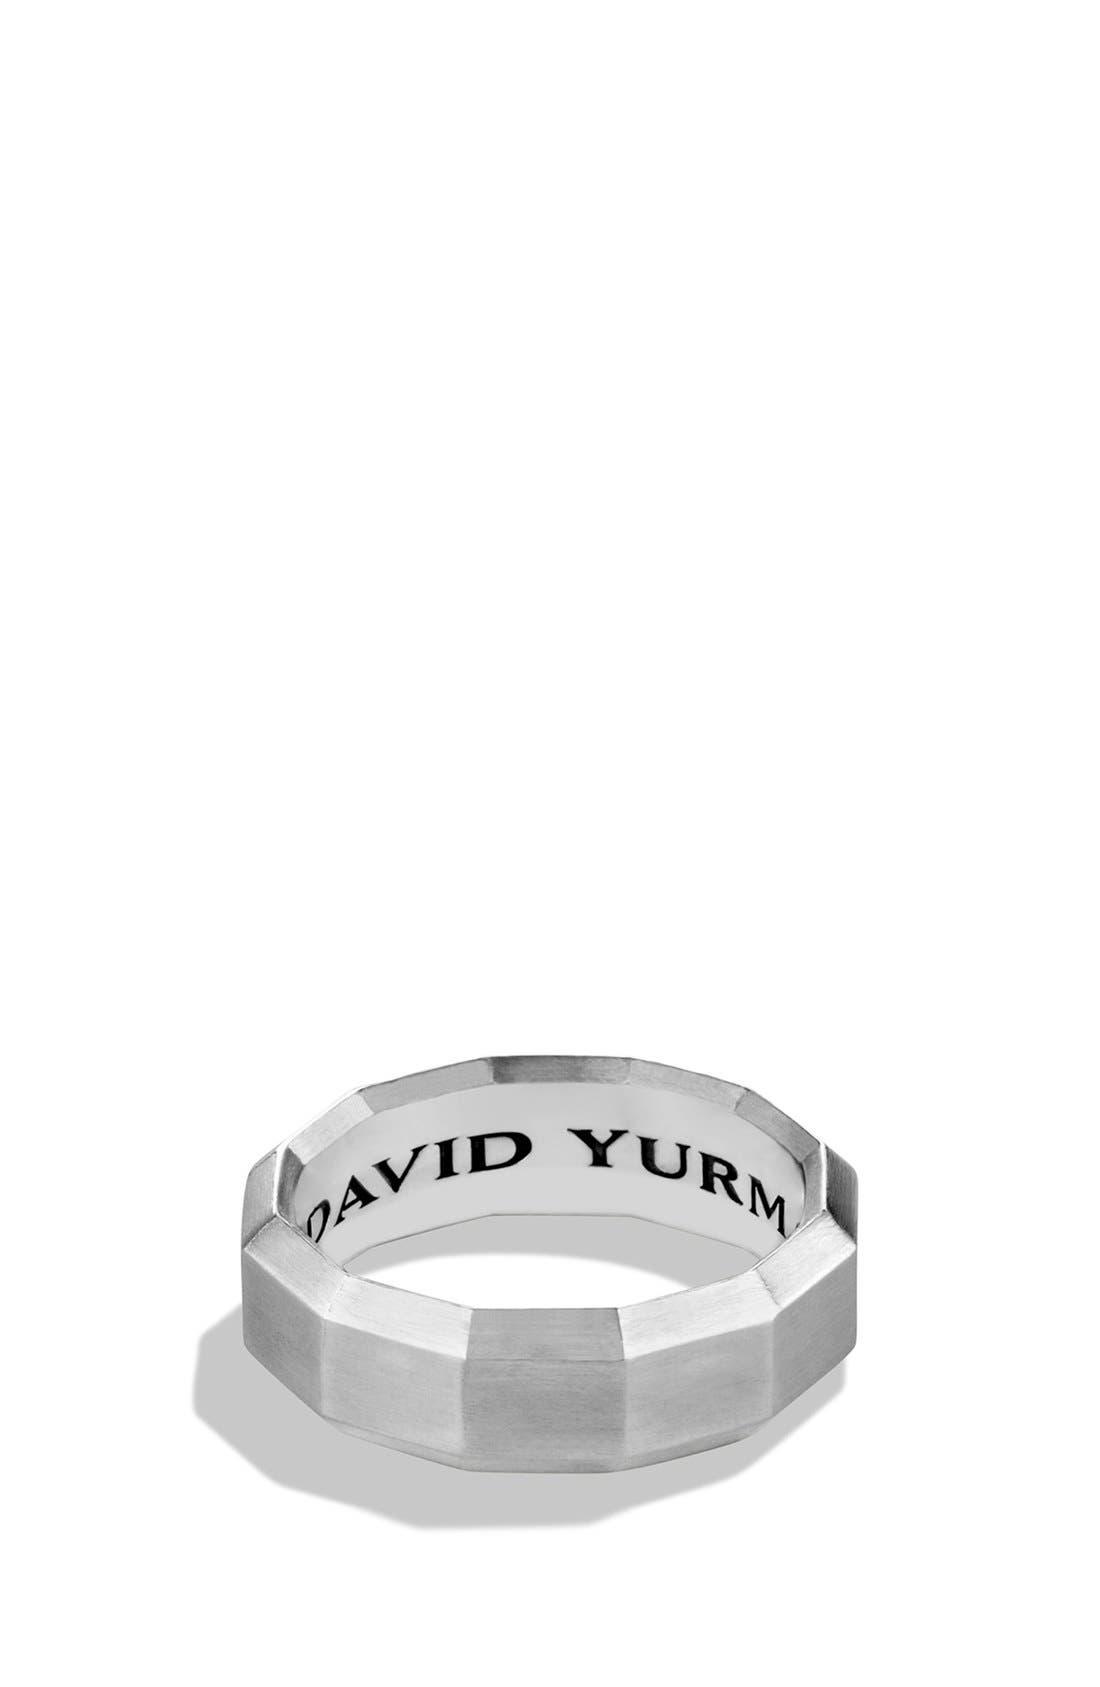 DAVID YURMAN Faceted Metal Band Ring